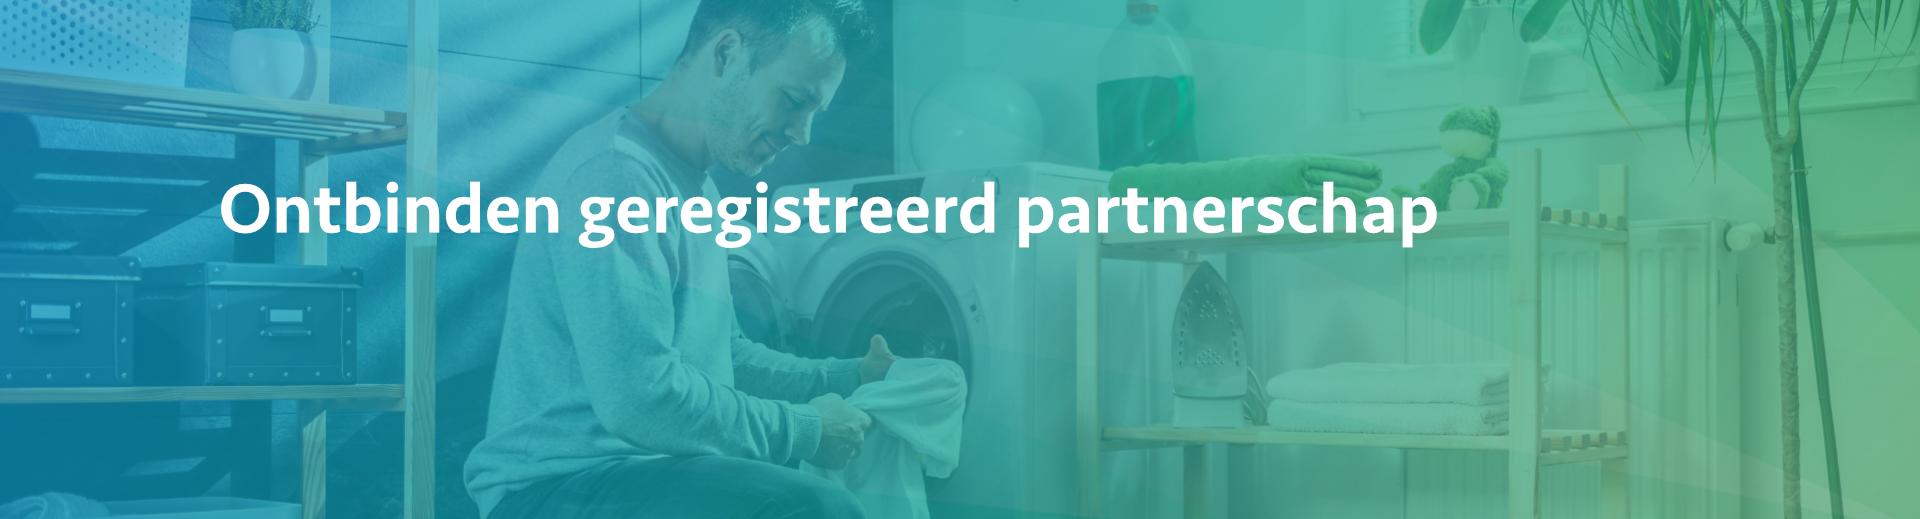 Ontbinden geregistreerd partnerschap - Scheidingsplanner Hilversum - Bilthoven - Soest - Het Gooi